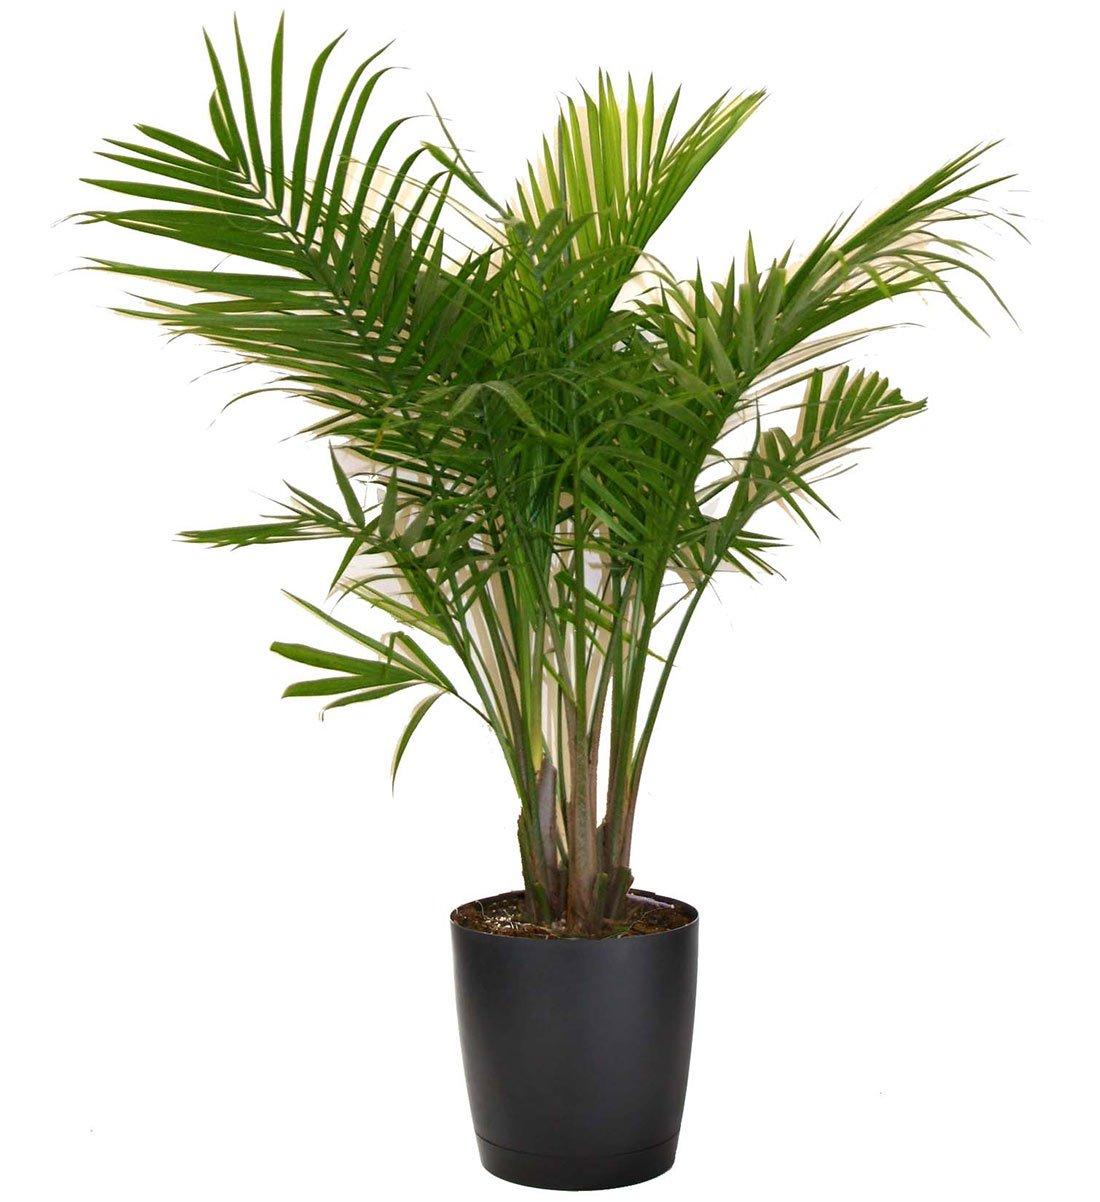 plante d'intérieur recommandée par nasa-7